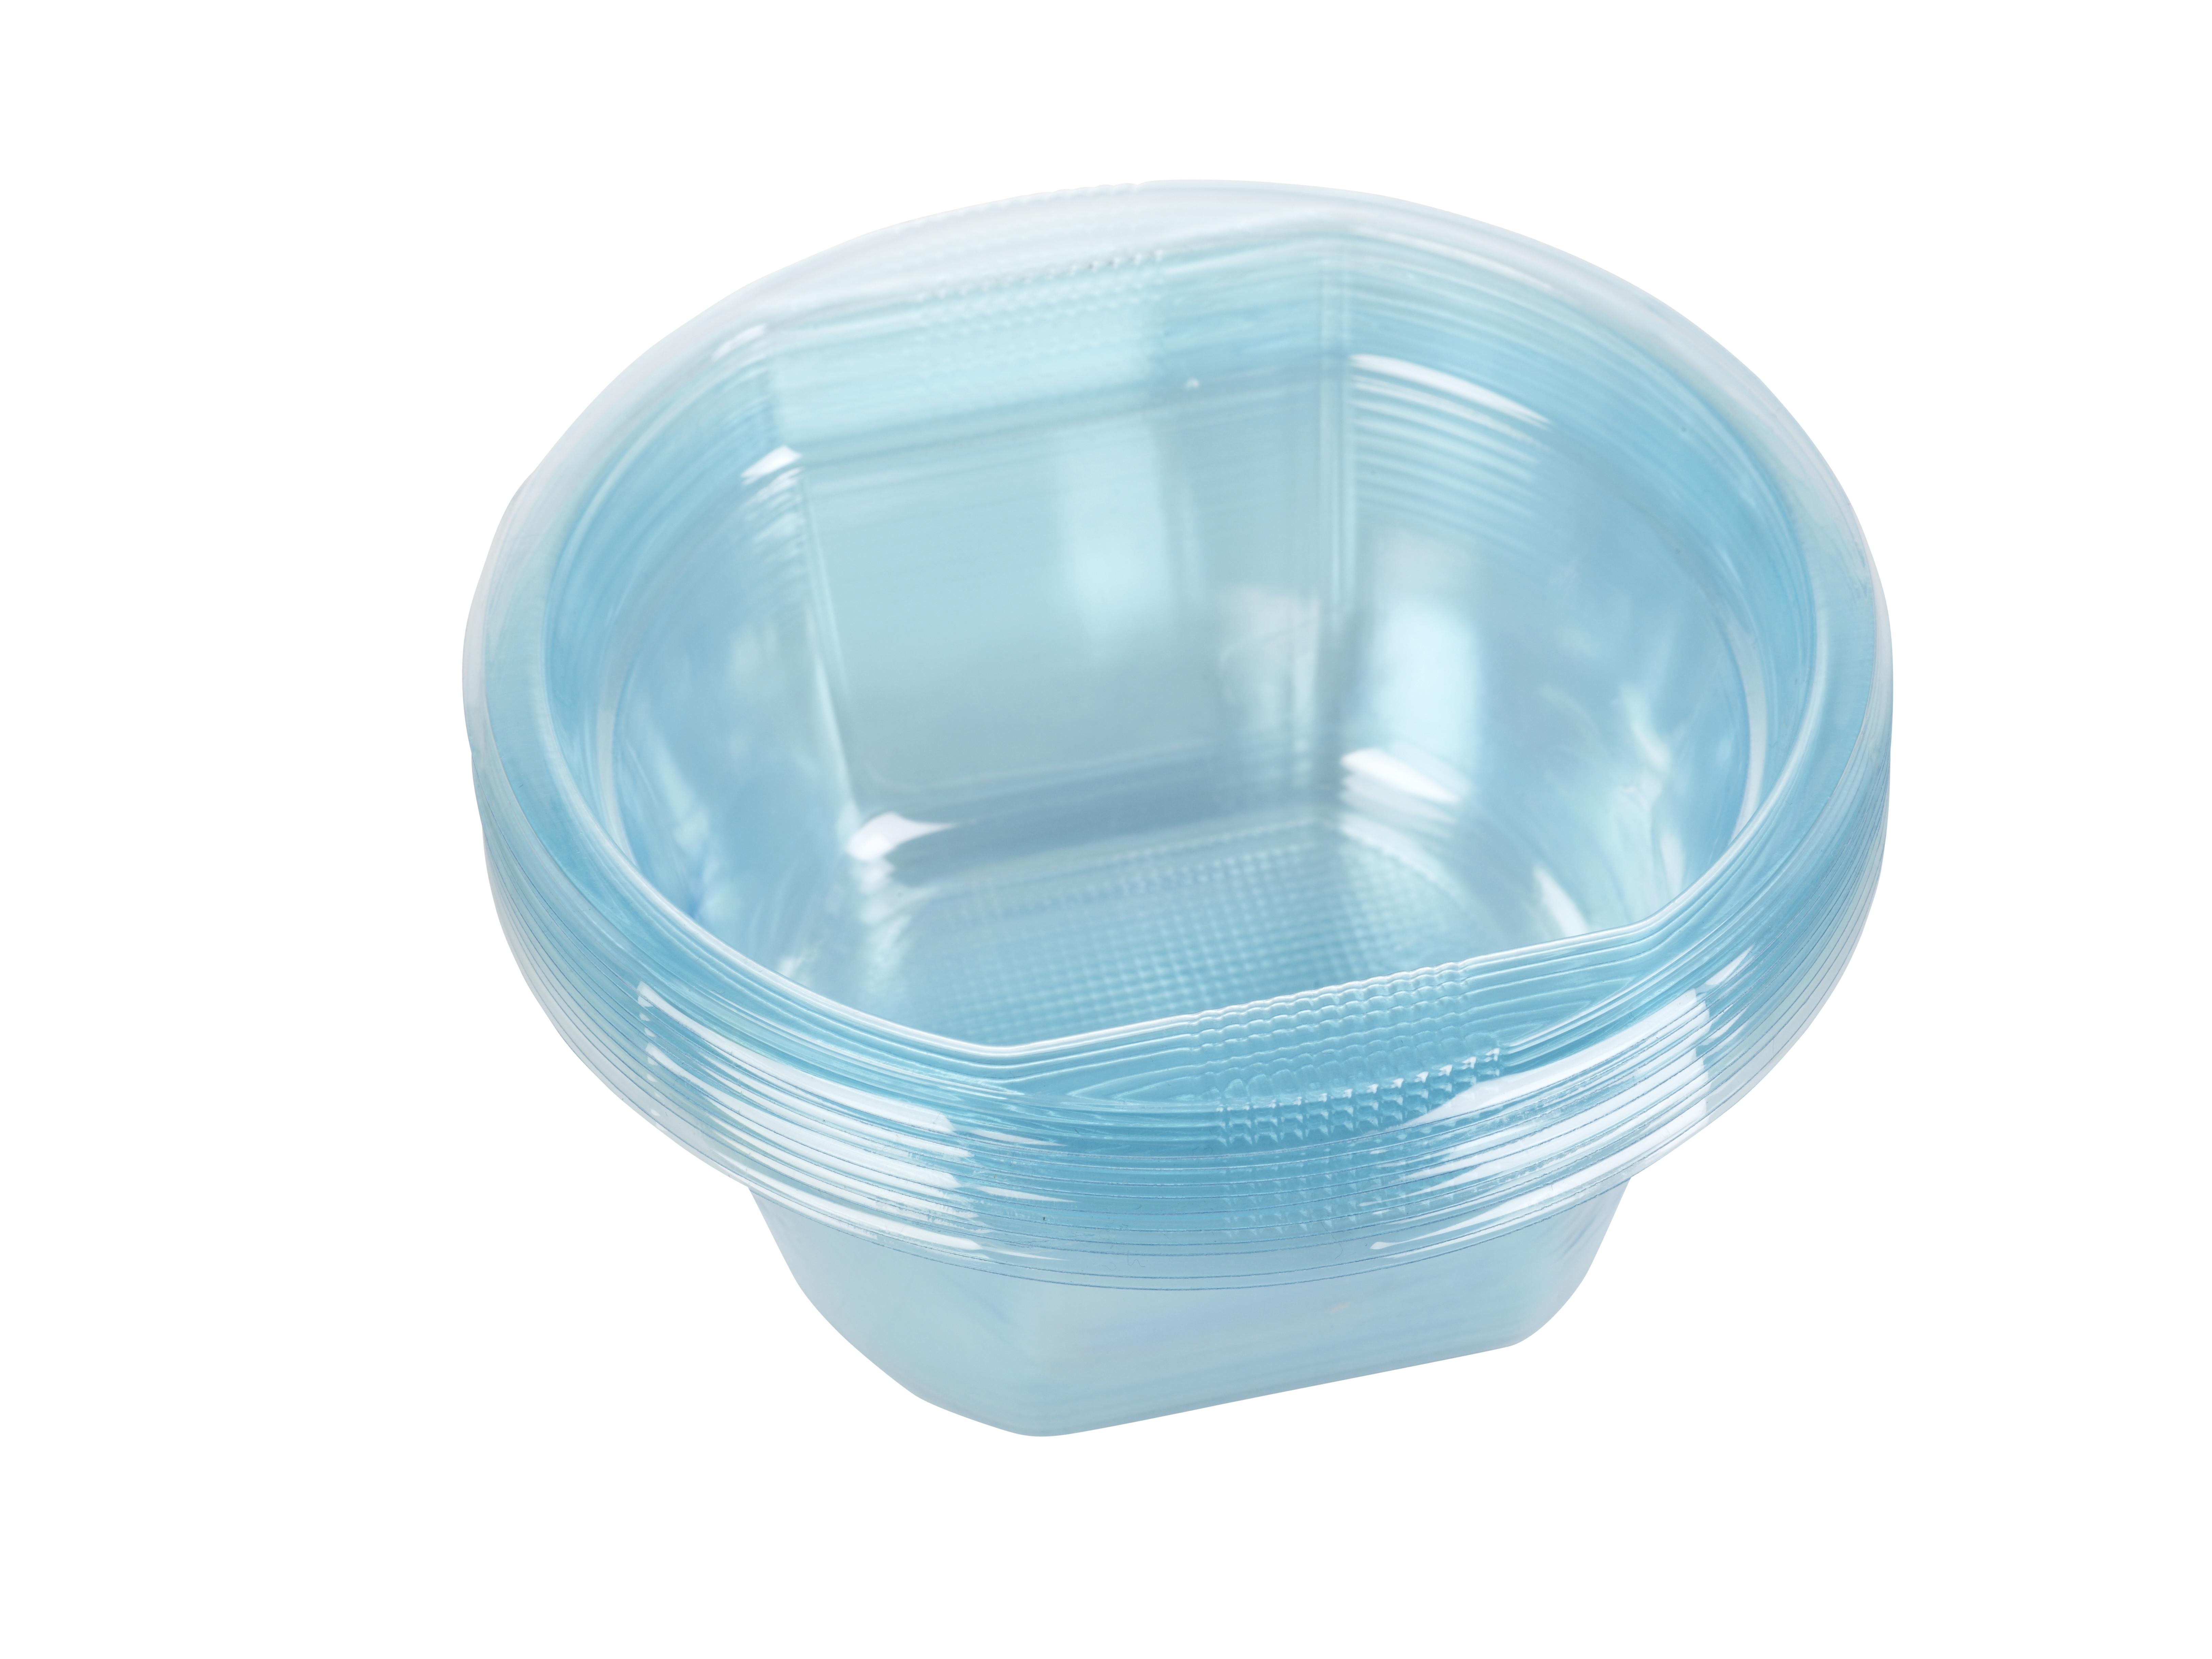 Disposable Plastic Bowls Reusable Party Tableware Dessert ...